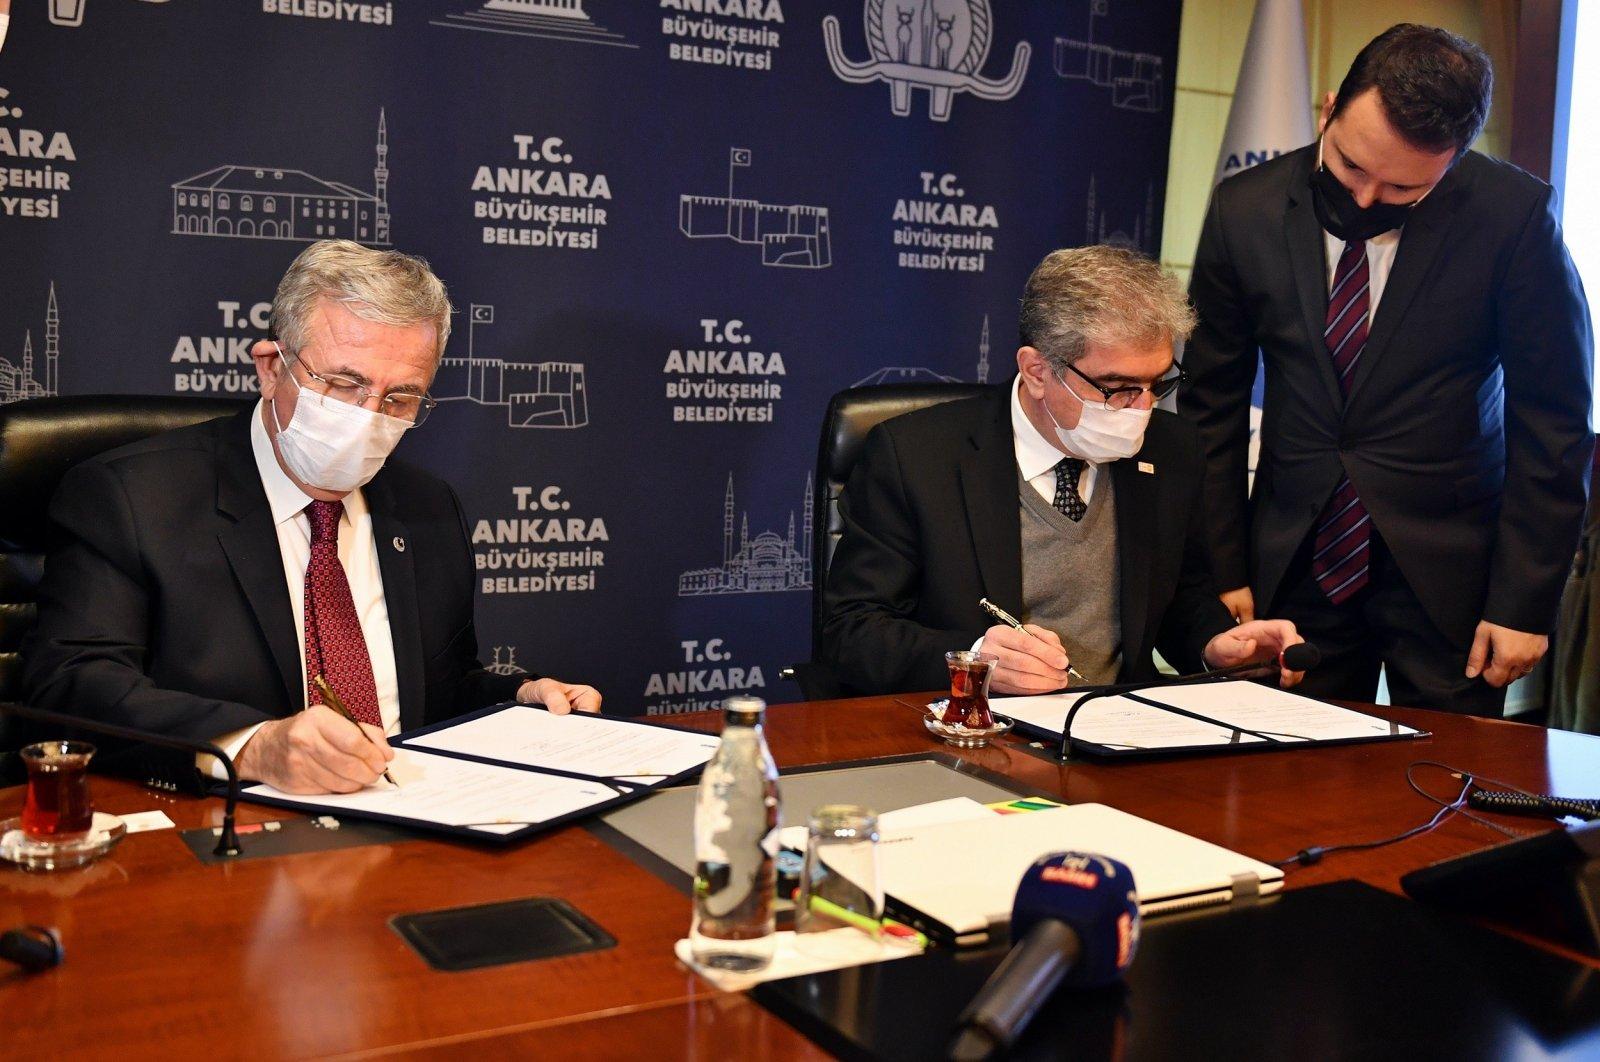 Ankara Mayor Mansur Yavaş (L) and UNFPA Representative Hassan Mohtashami signed the protocol in the capital Ankara, Turkey, Jan. 14, 2021. (IHA Photo)